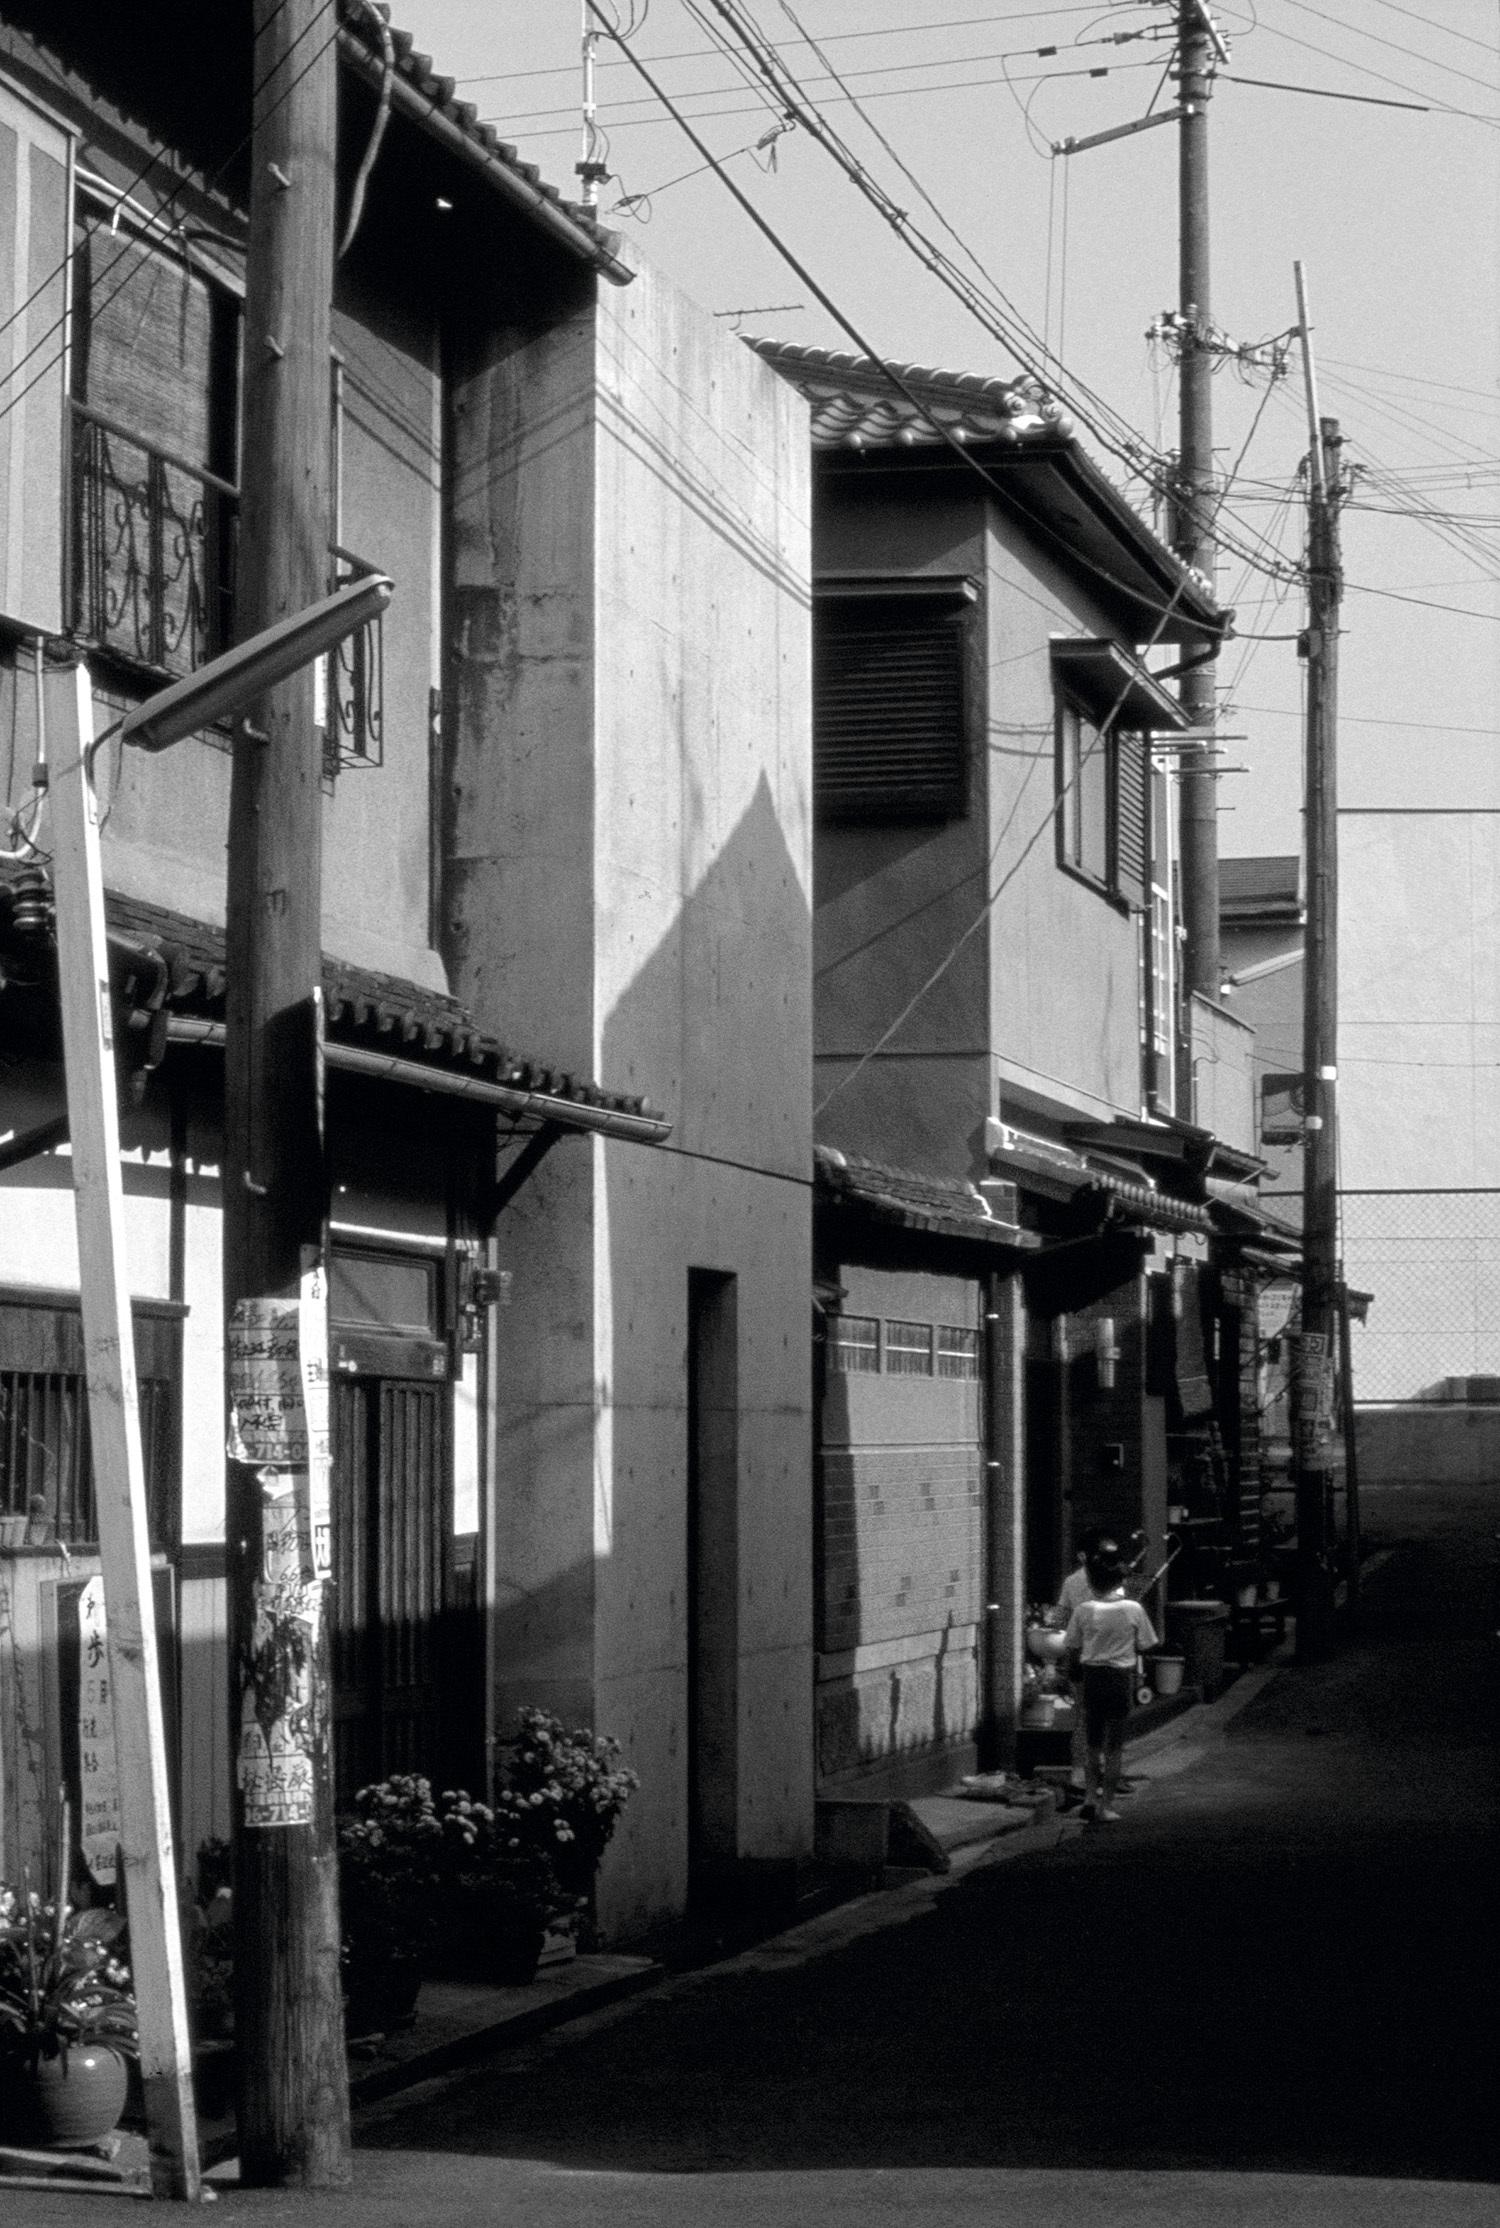 安藤忠雄/住吉の長屋/1976年 撮影:安藤忠雄